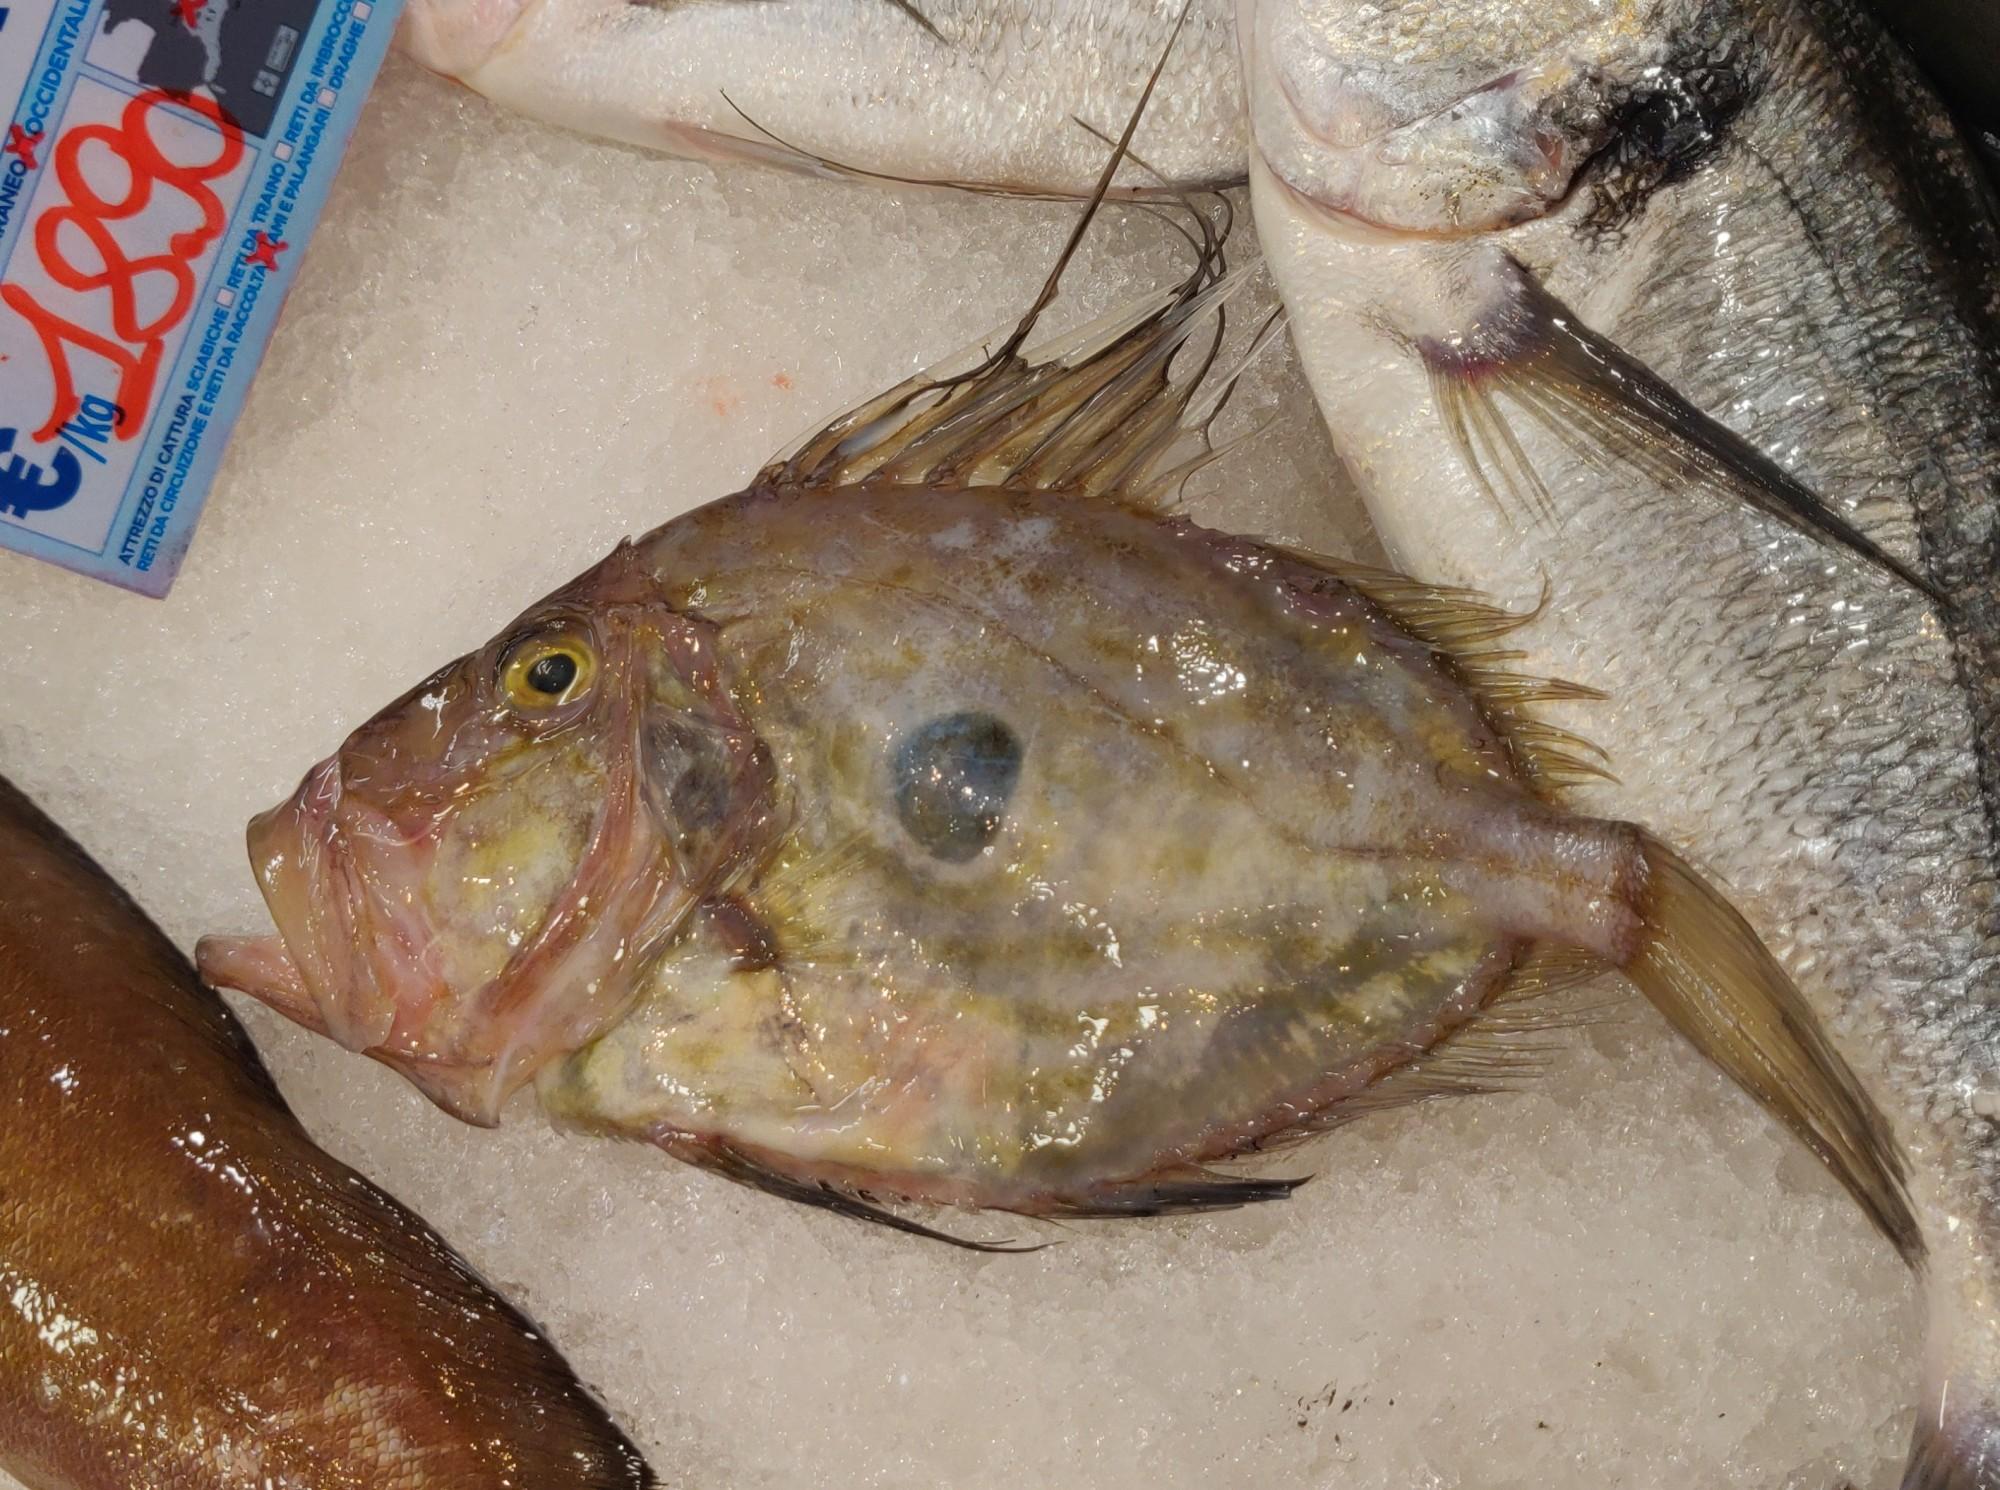 В рыбной лавке купили анчоусов. Мелких.Это рыба сан Петро. Так нам сказали. Мне кажется она удивилась...